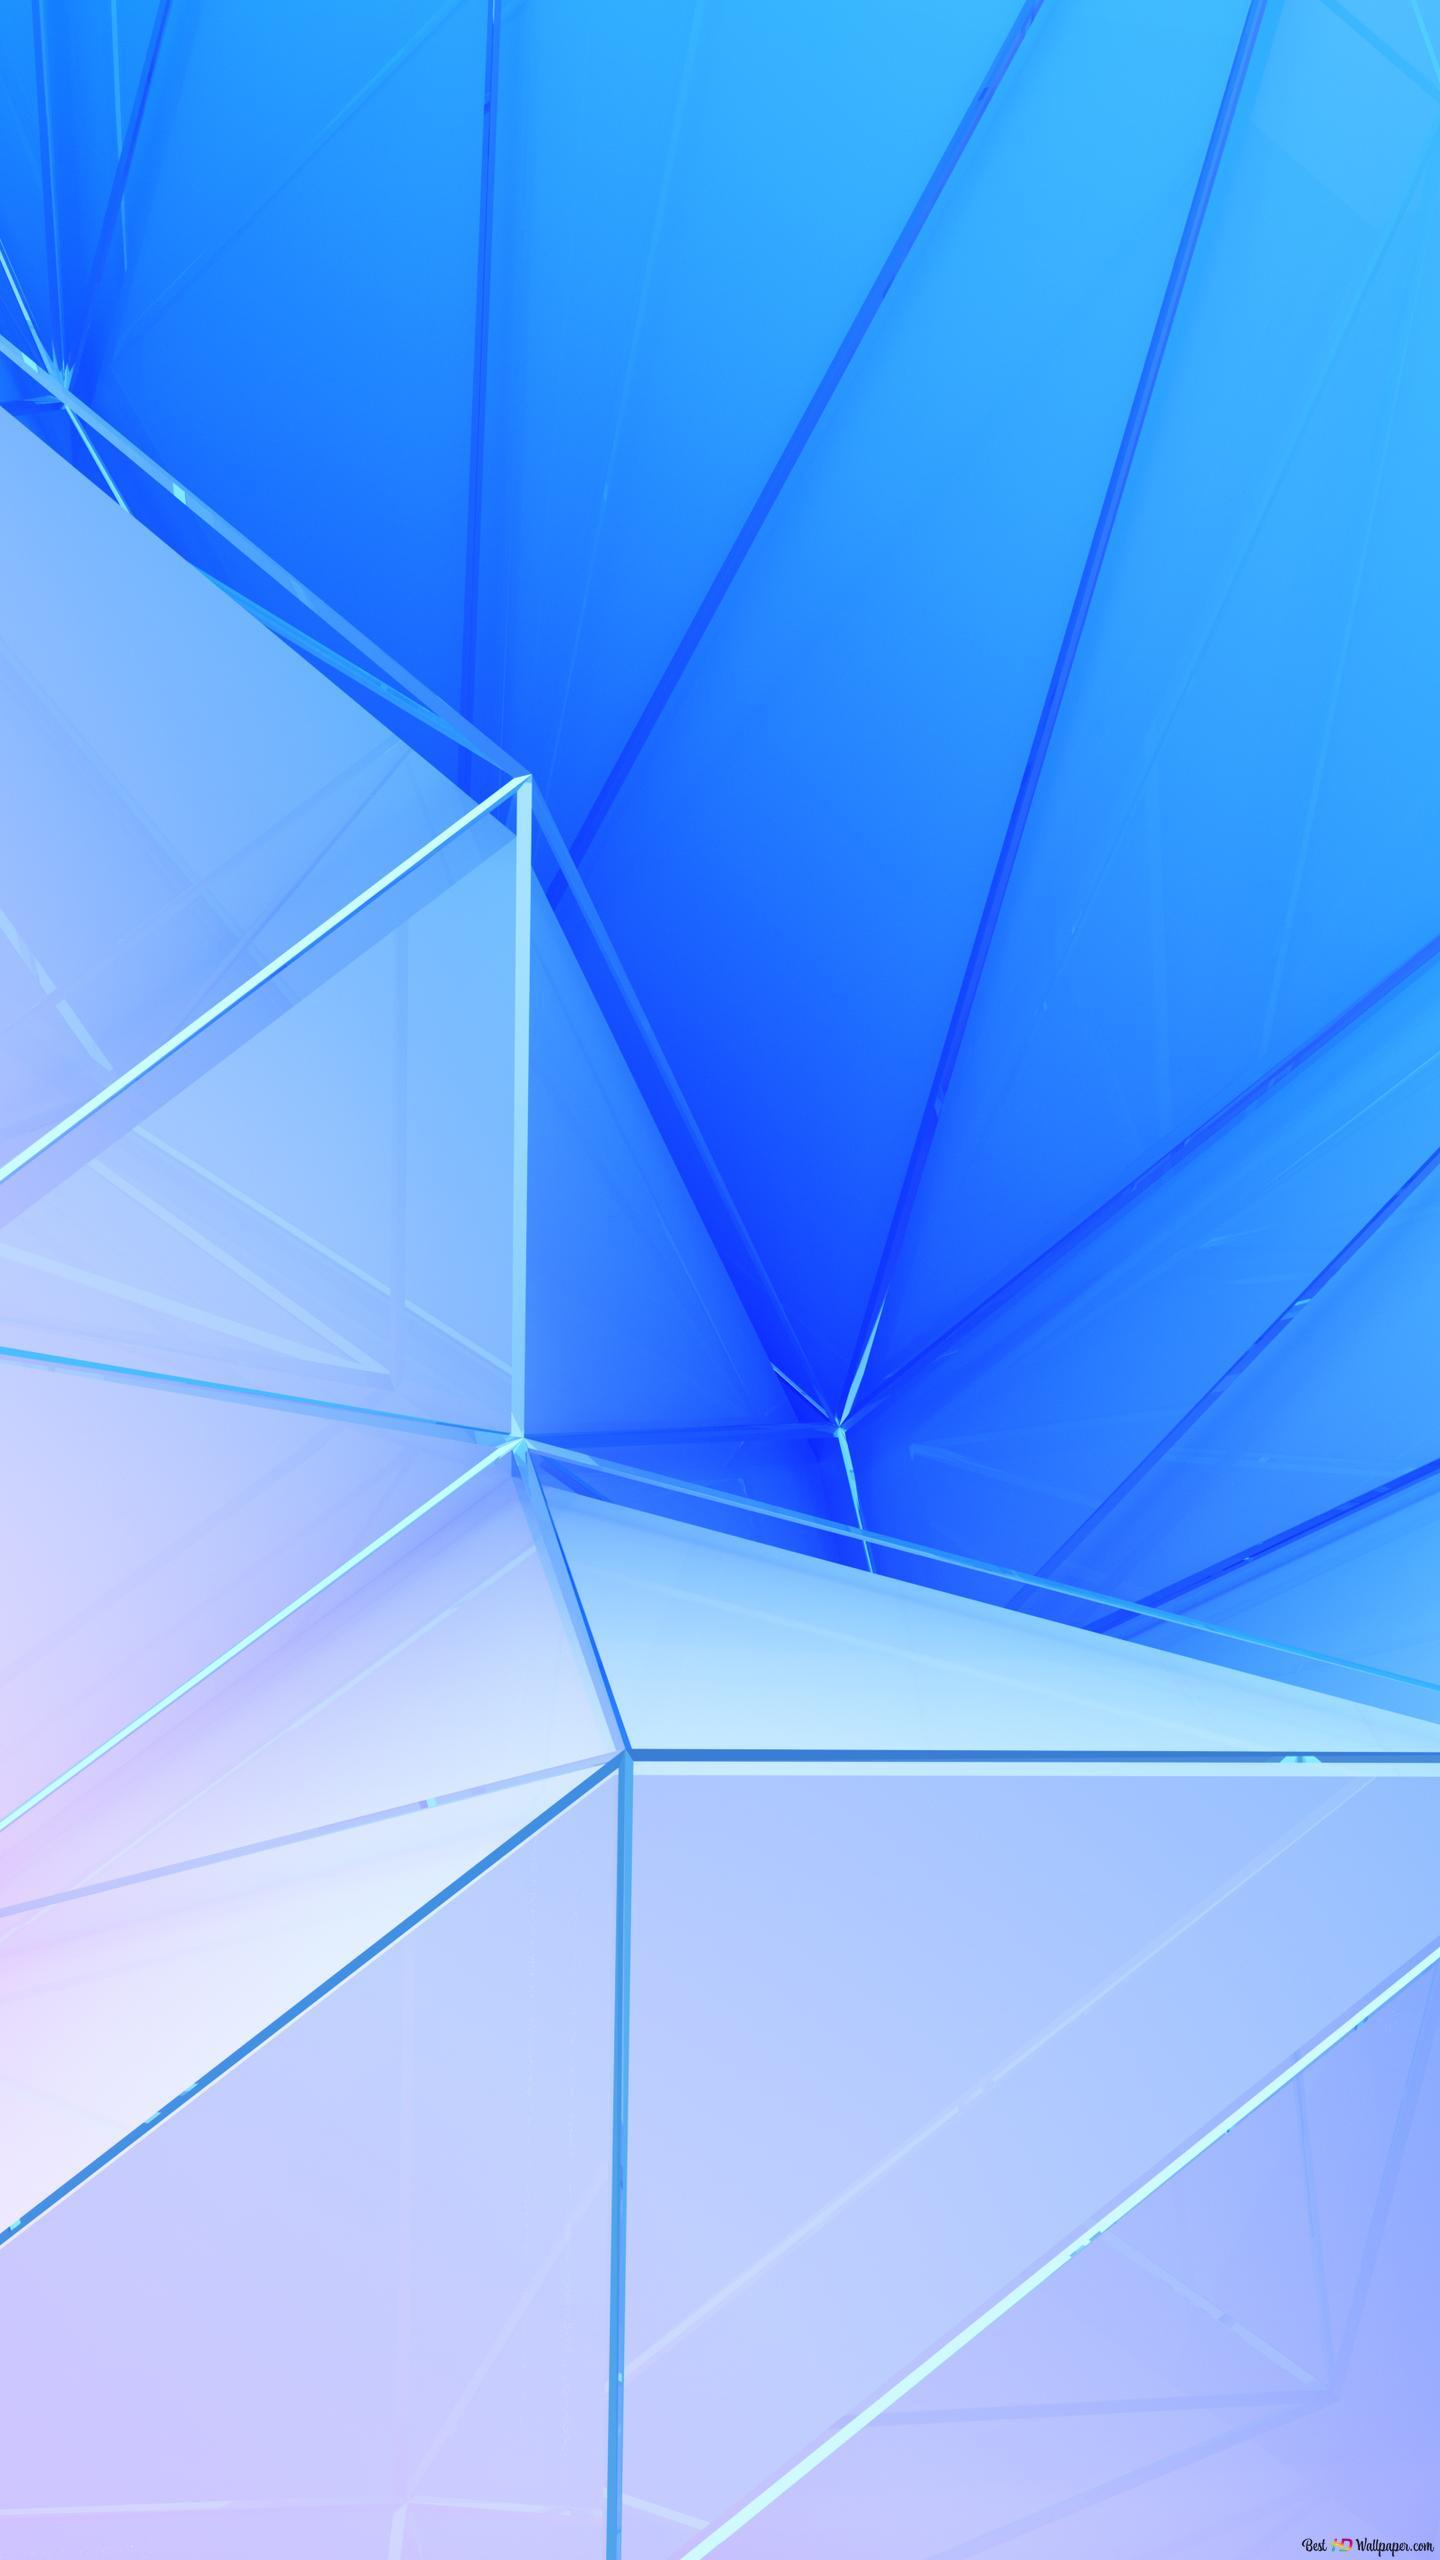 Blauer hintergrund samsung note 4